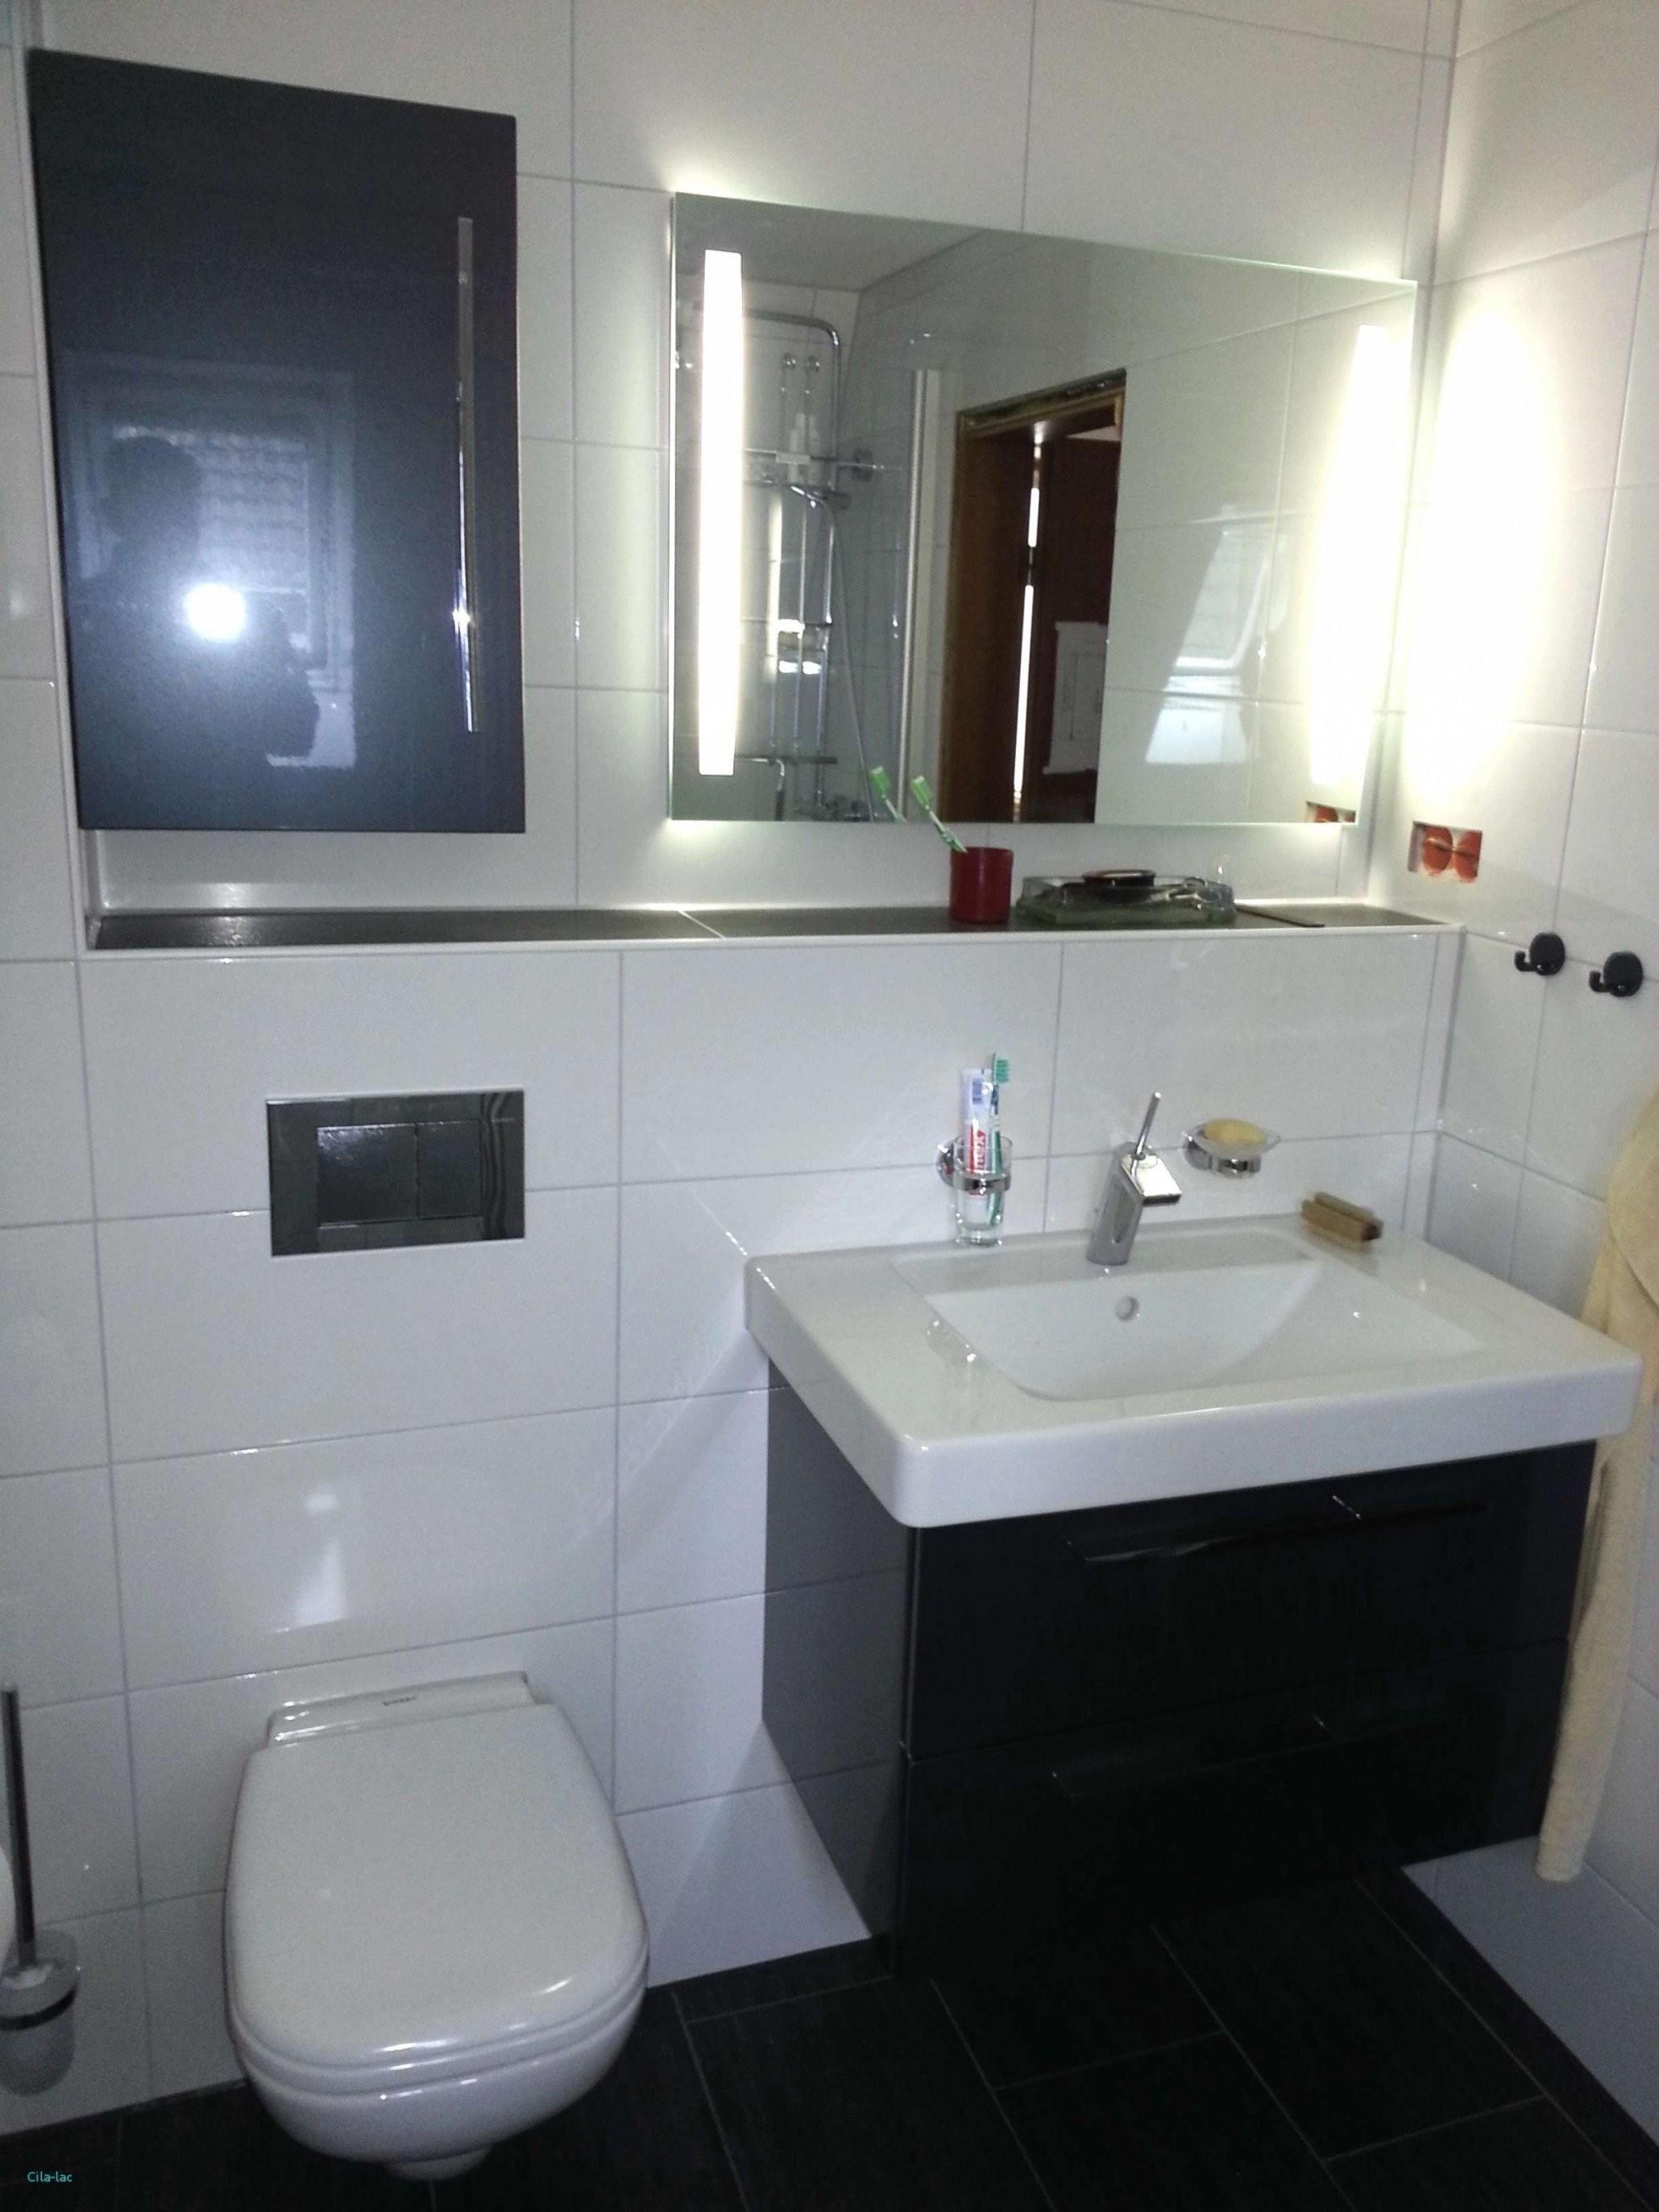 Wie Man Badezimmer Fliesen Weiß Herrliche Badezimmer Fliesen Ideen von Badezimmer Fliesen Ideen Schwarz Weiß Bild